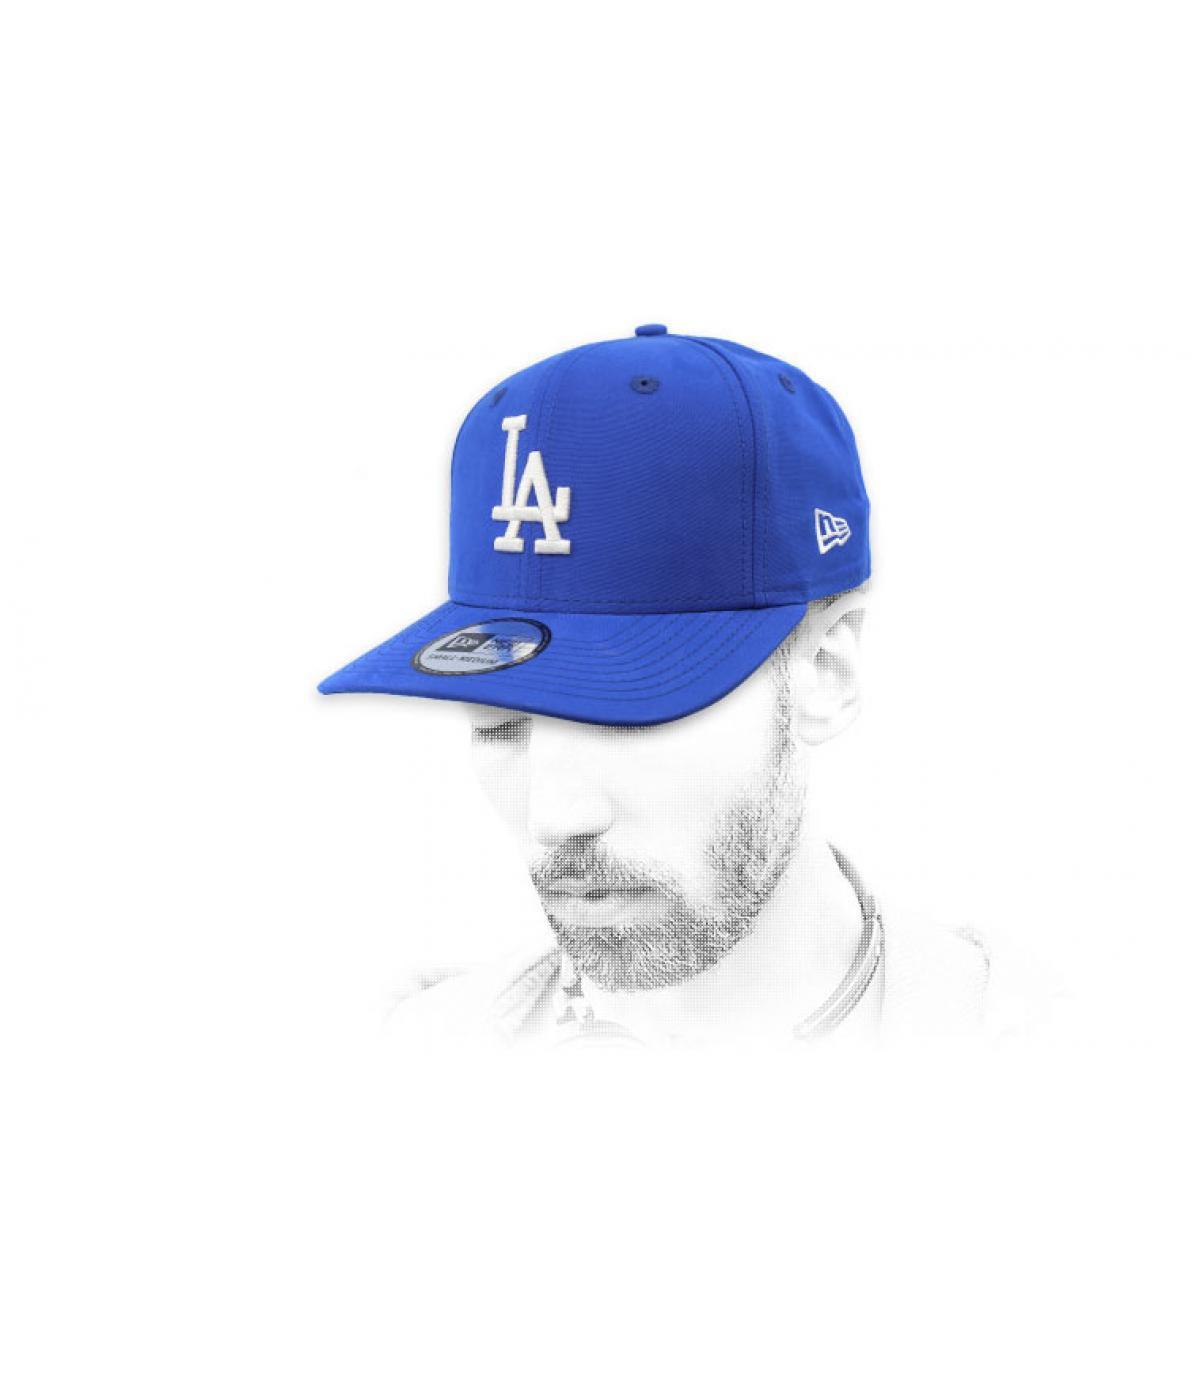 casquette LA bleu déperlant